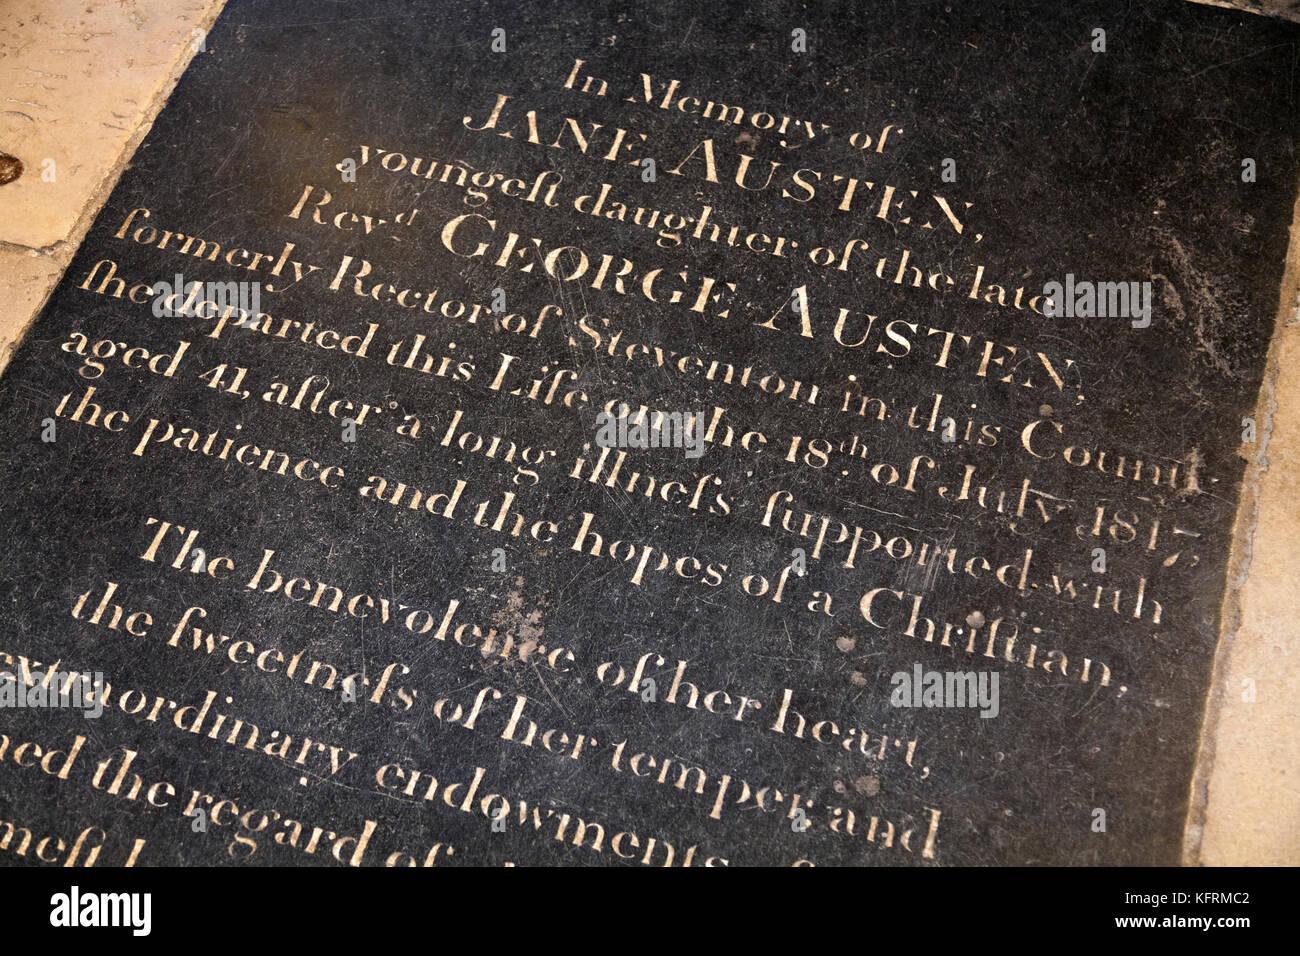 Jane Austen 's tumba memorial de piedra en la Nave de la Catedral de Winchester. En el Reino Unido. (75). Imagen De Stock